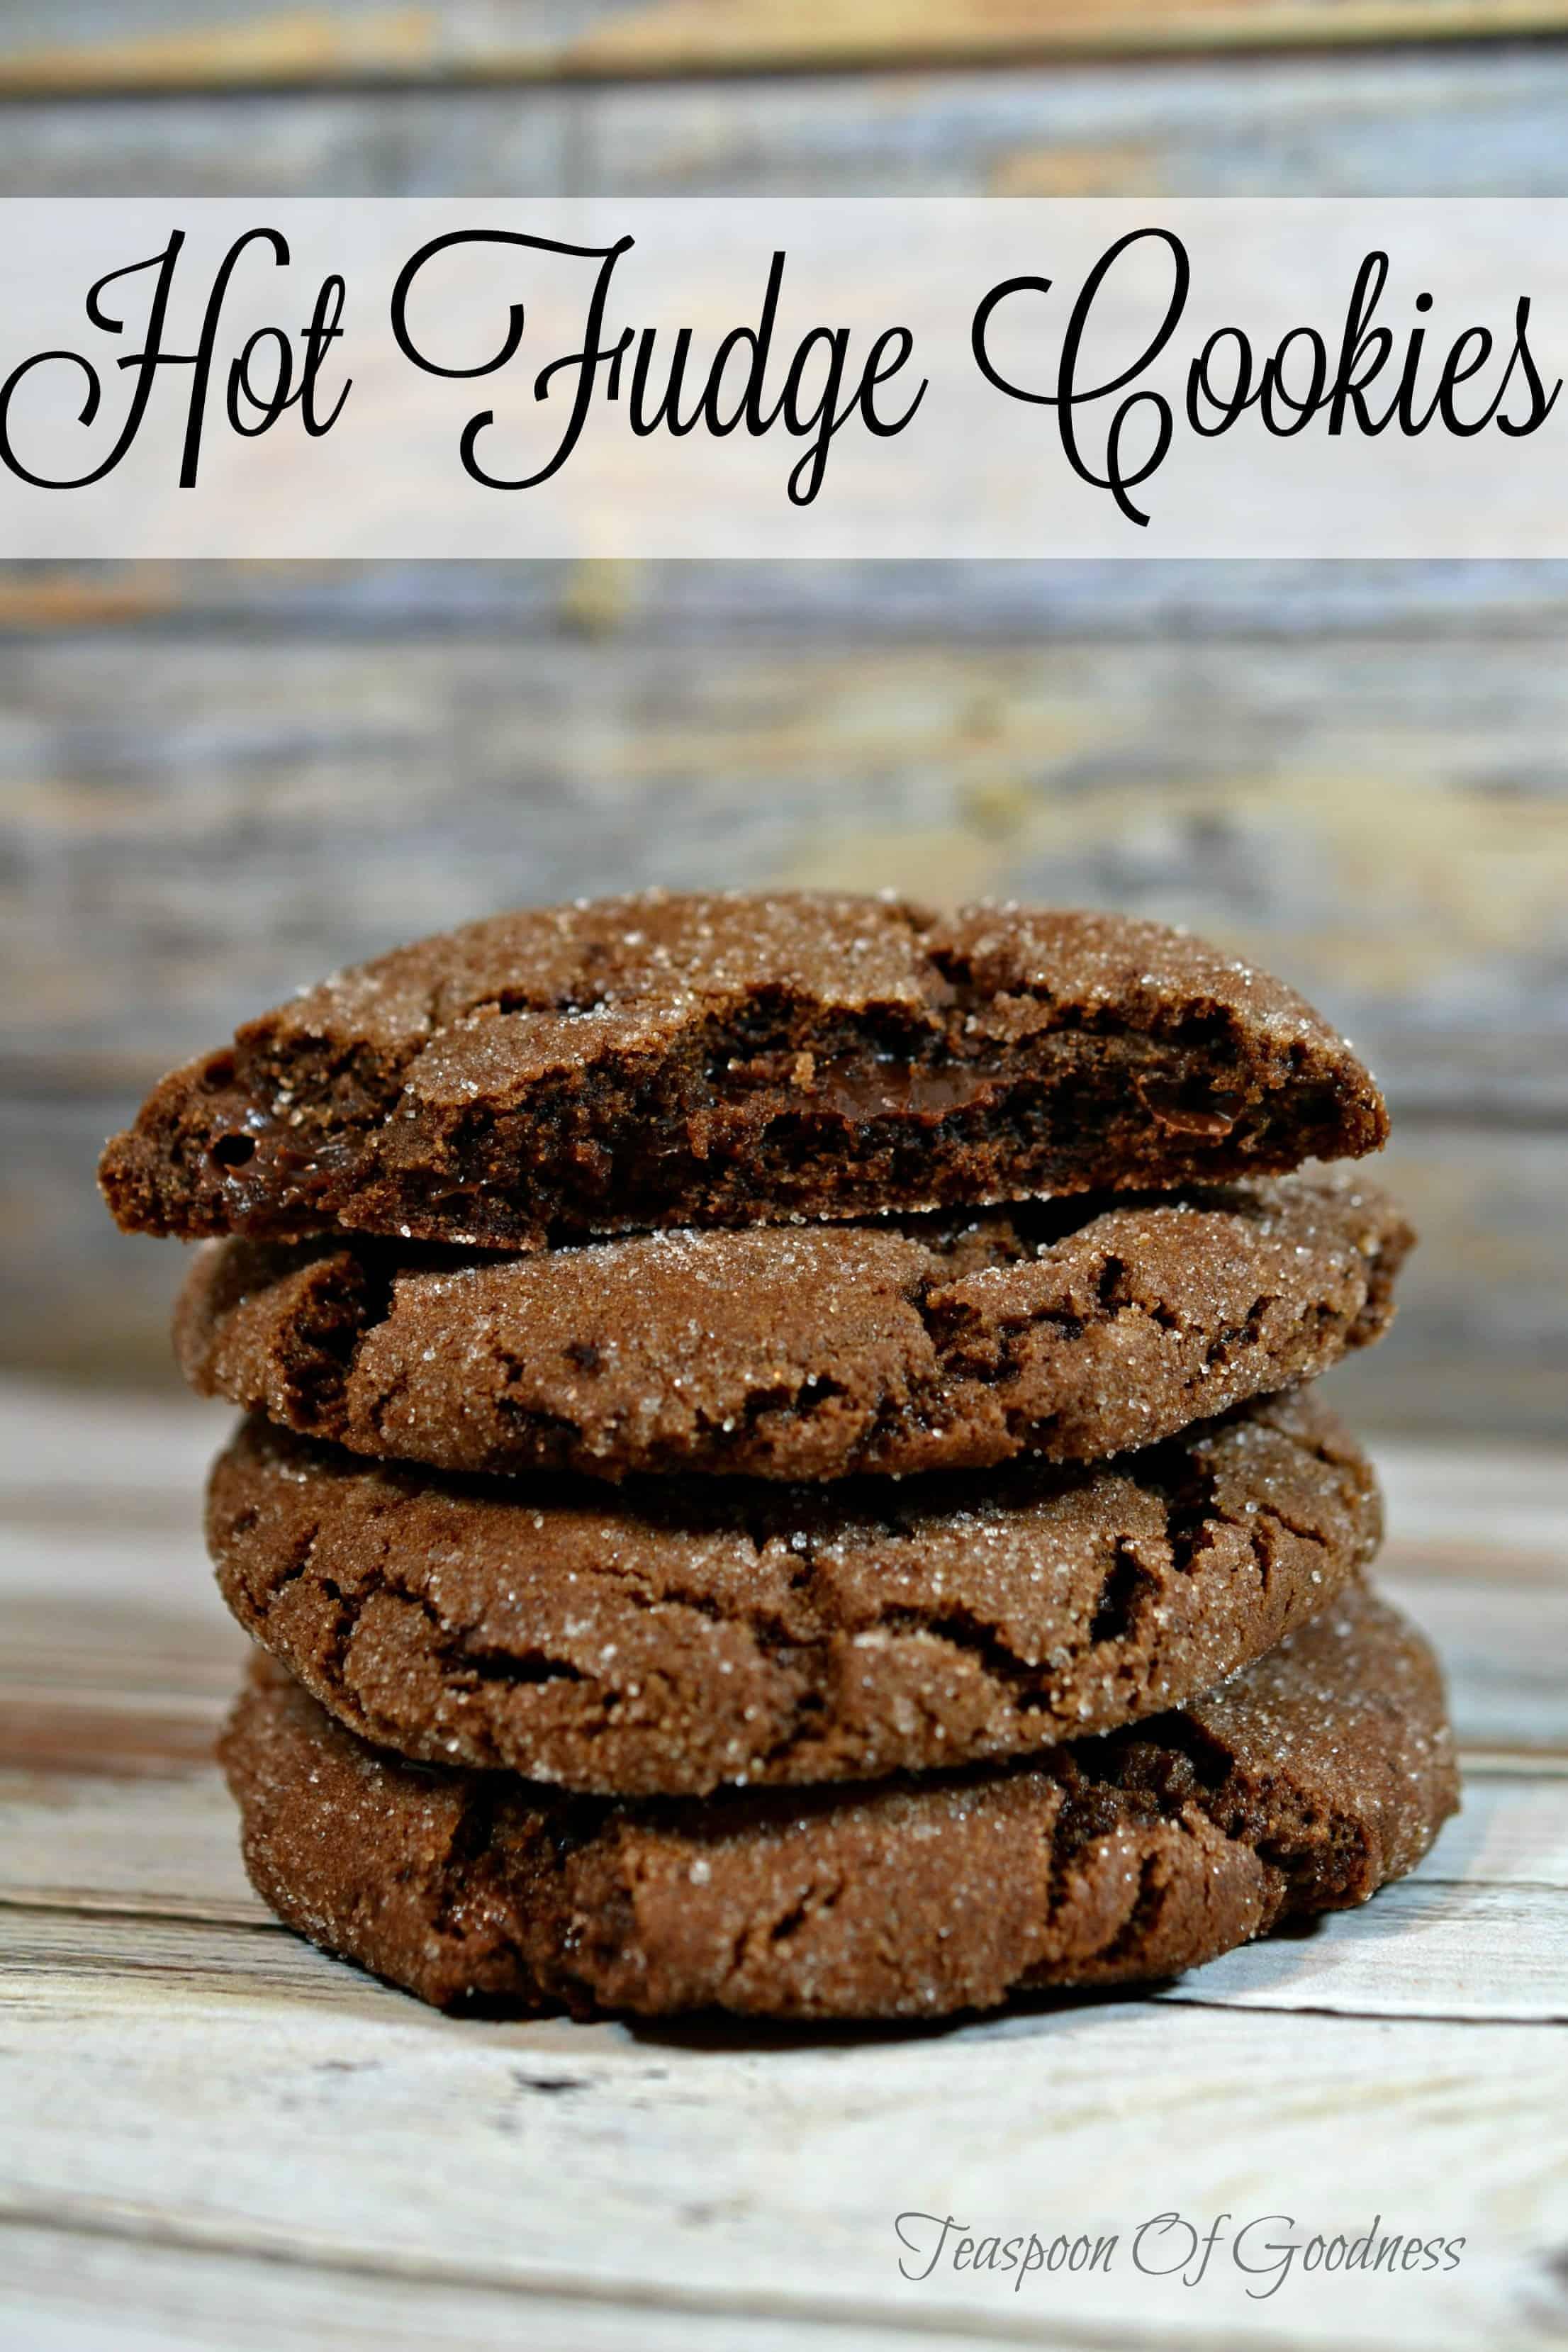 Hot Fudge Homemade Cookies